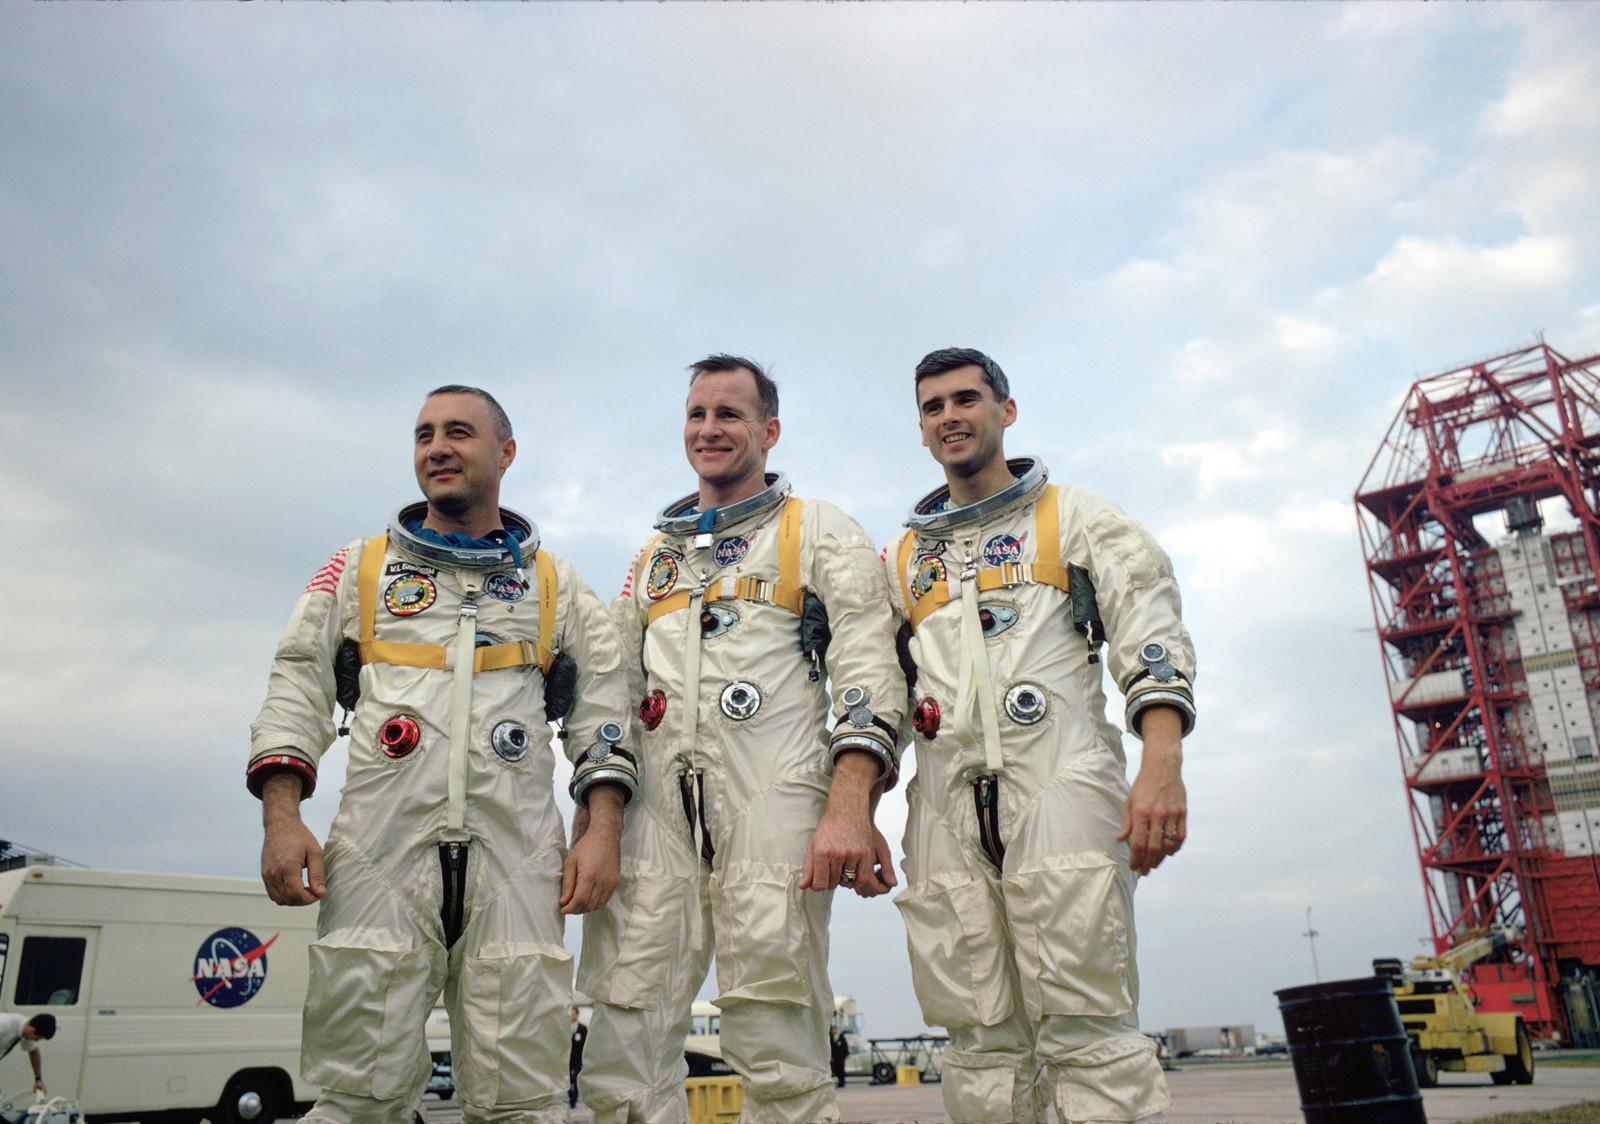 Apollo 1 crew in training